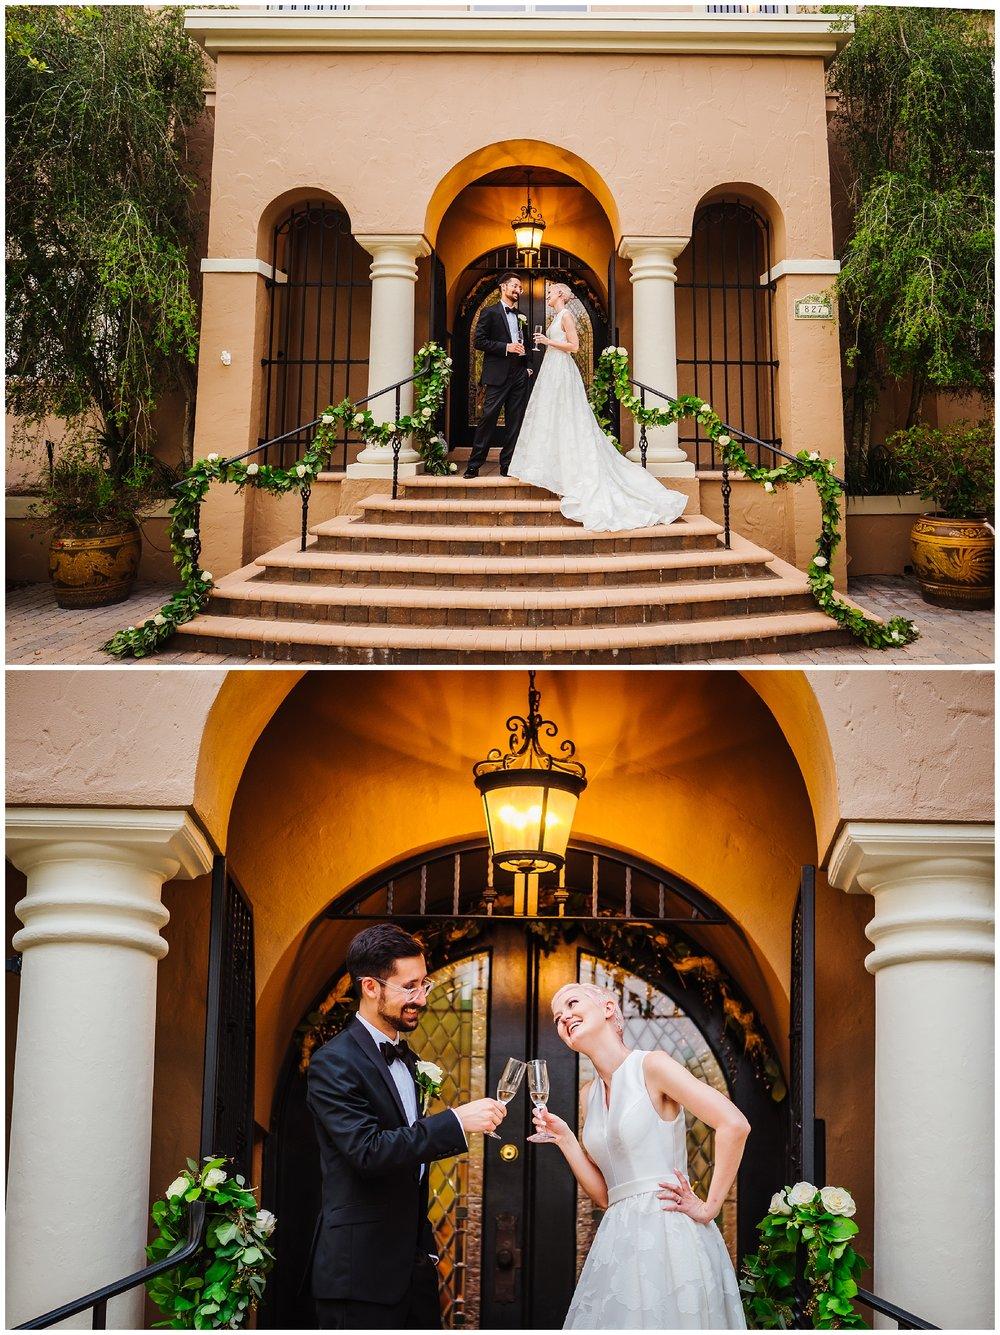 tierra-verde-st-pete-florida-home-luxury-wedding-greenery-pink-pixie-bride_0066.jpg